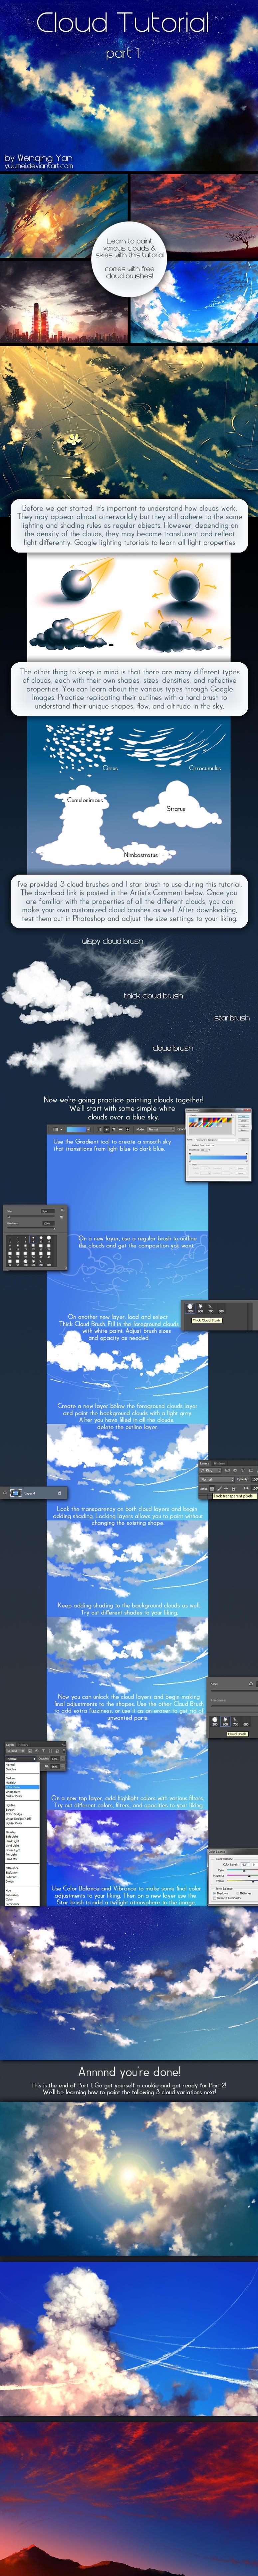 Cloud Tutorial Part 1 by yuumei